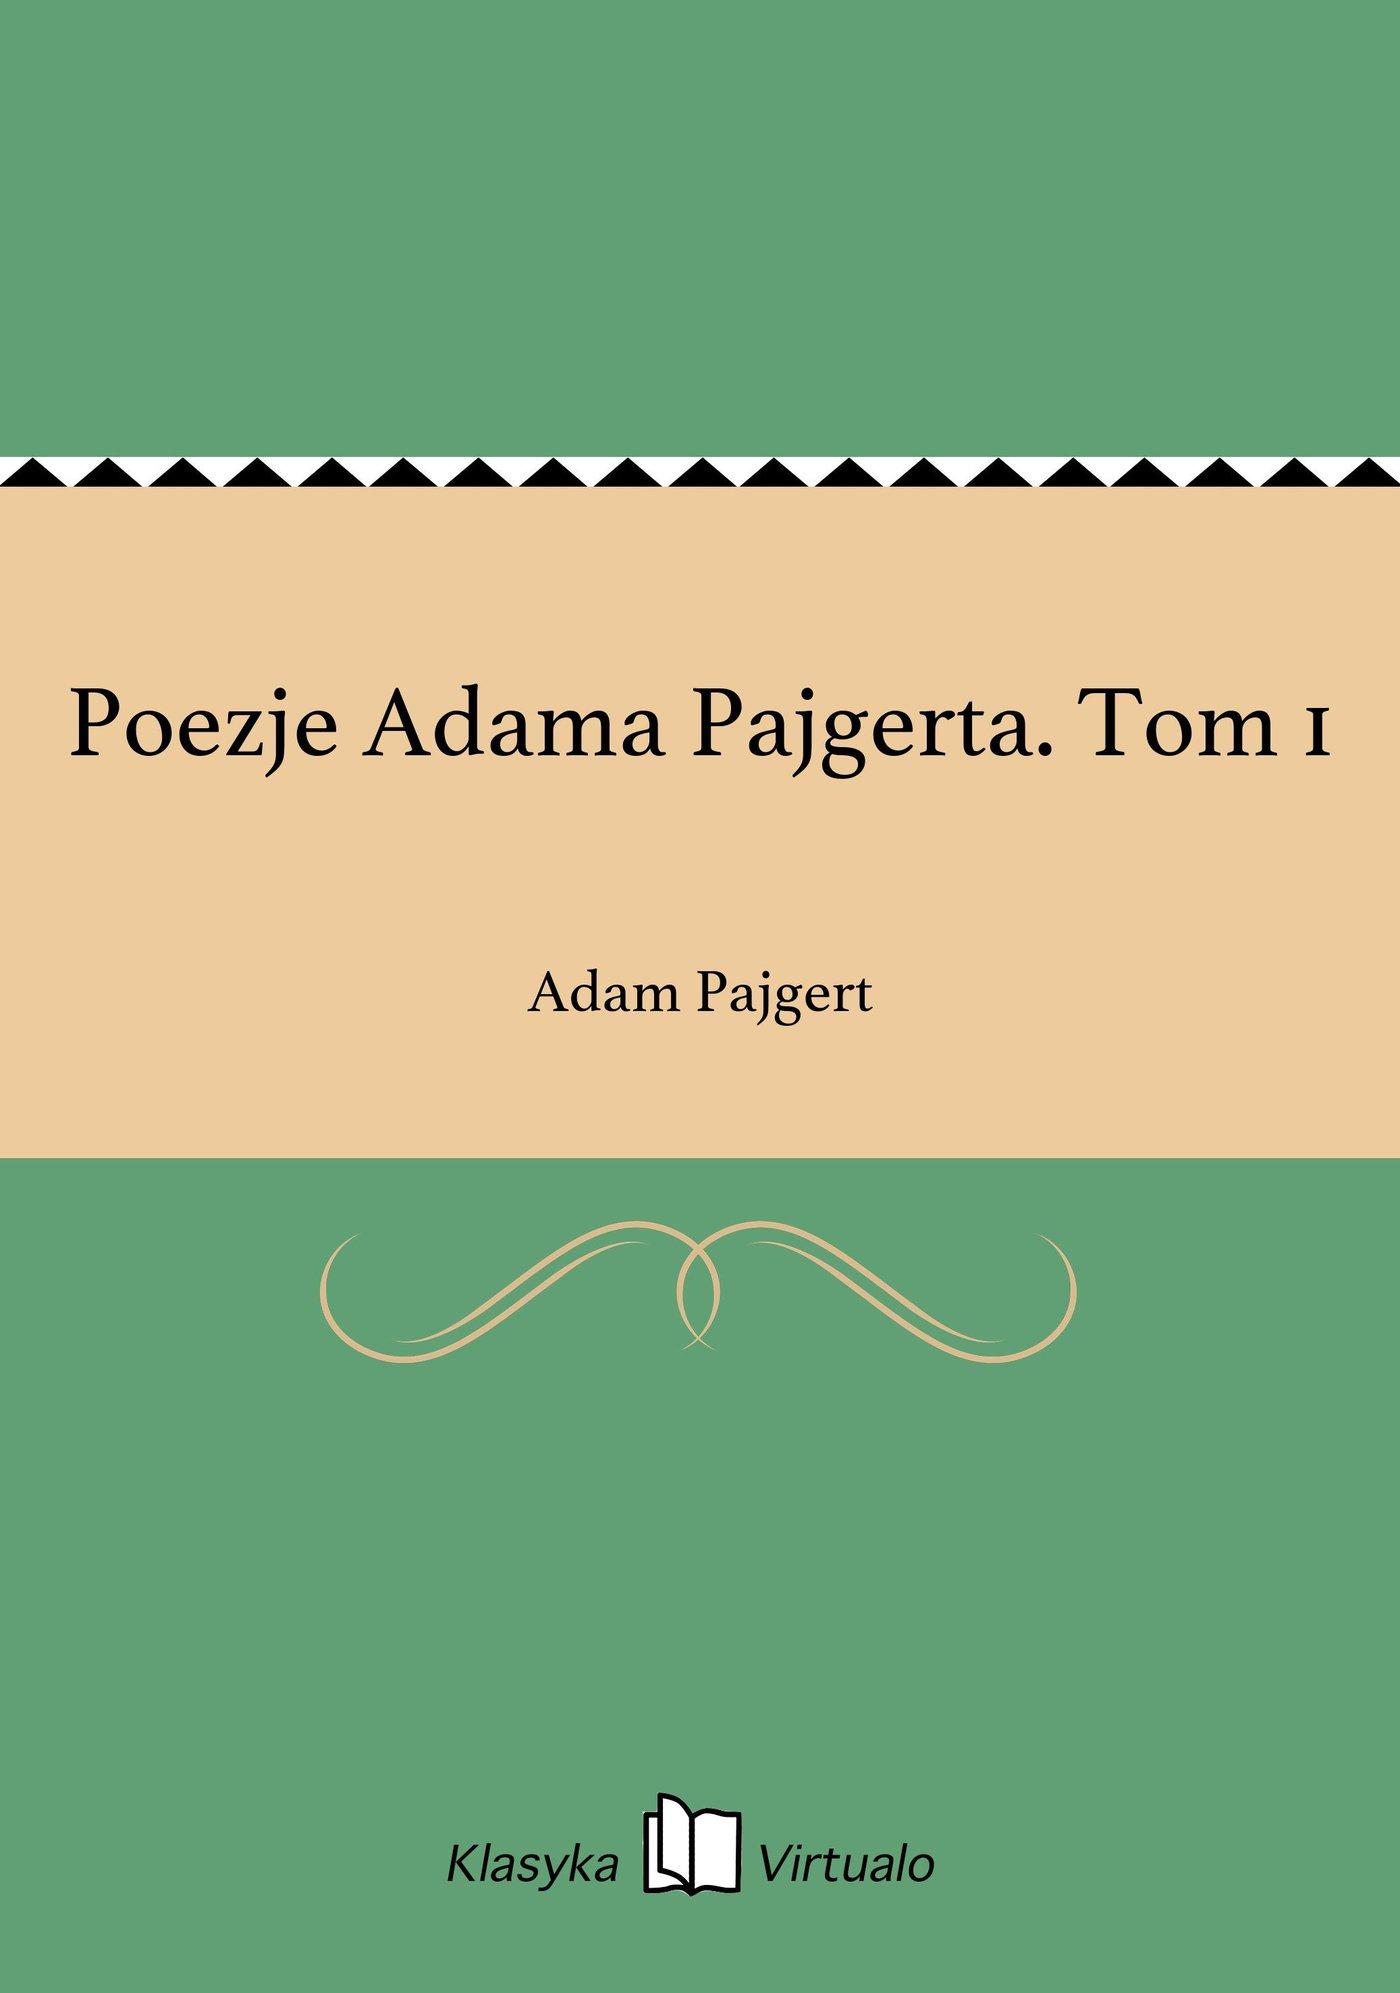 Poezje Adama Pajgerta. Tom 1 - Ebook (Książka EPUB) do pobrania w formacie EPUB